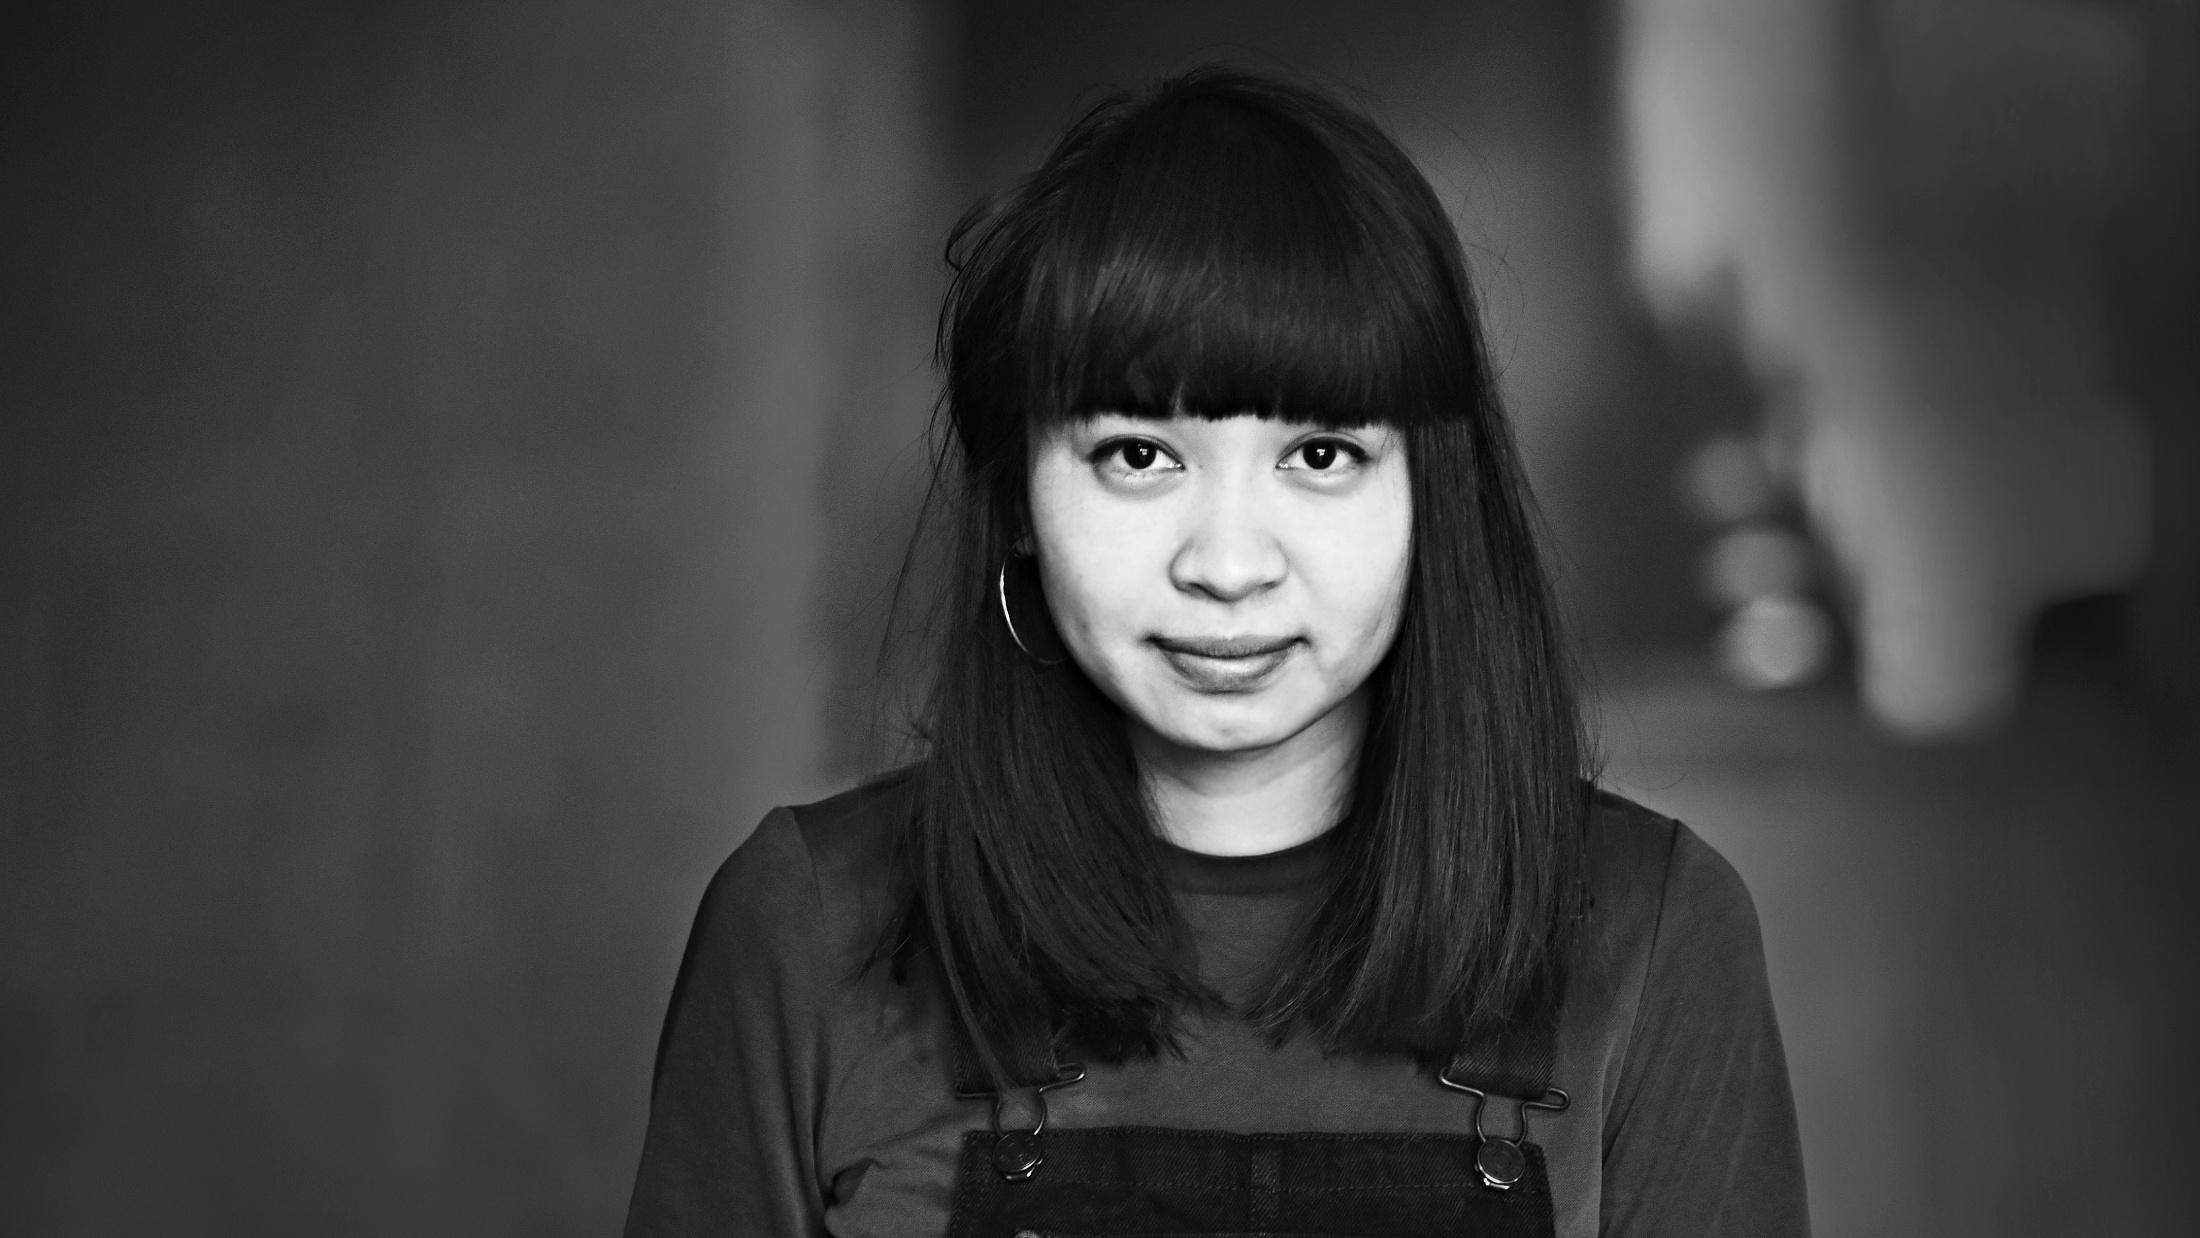 Diana Cam Van Nguyen